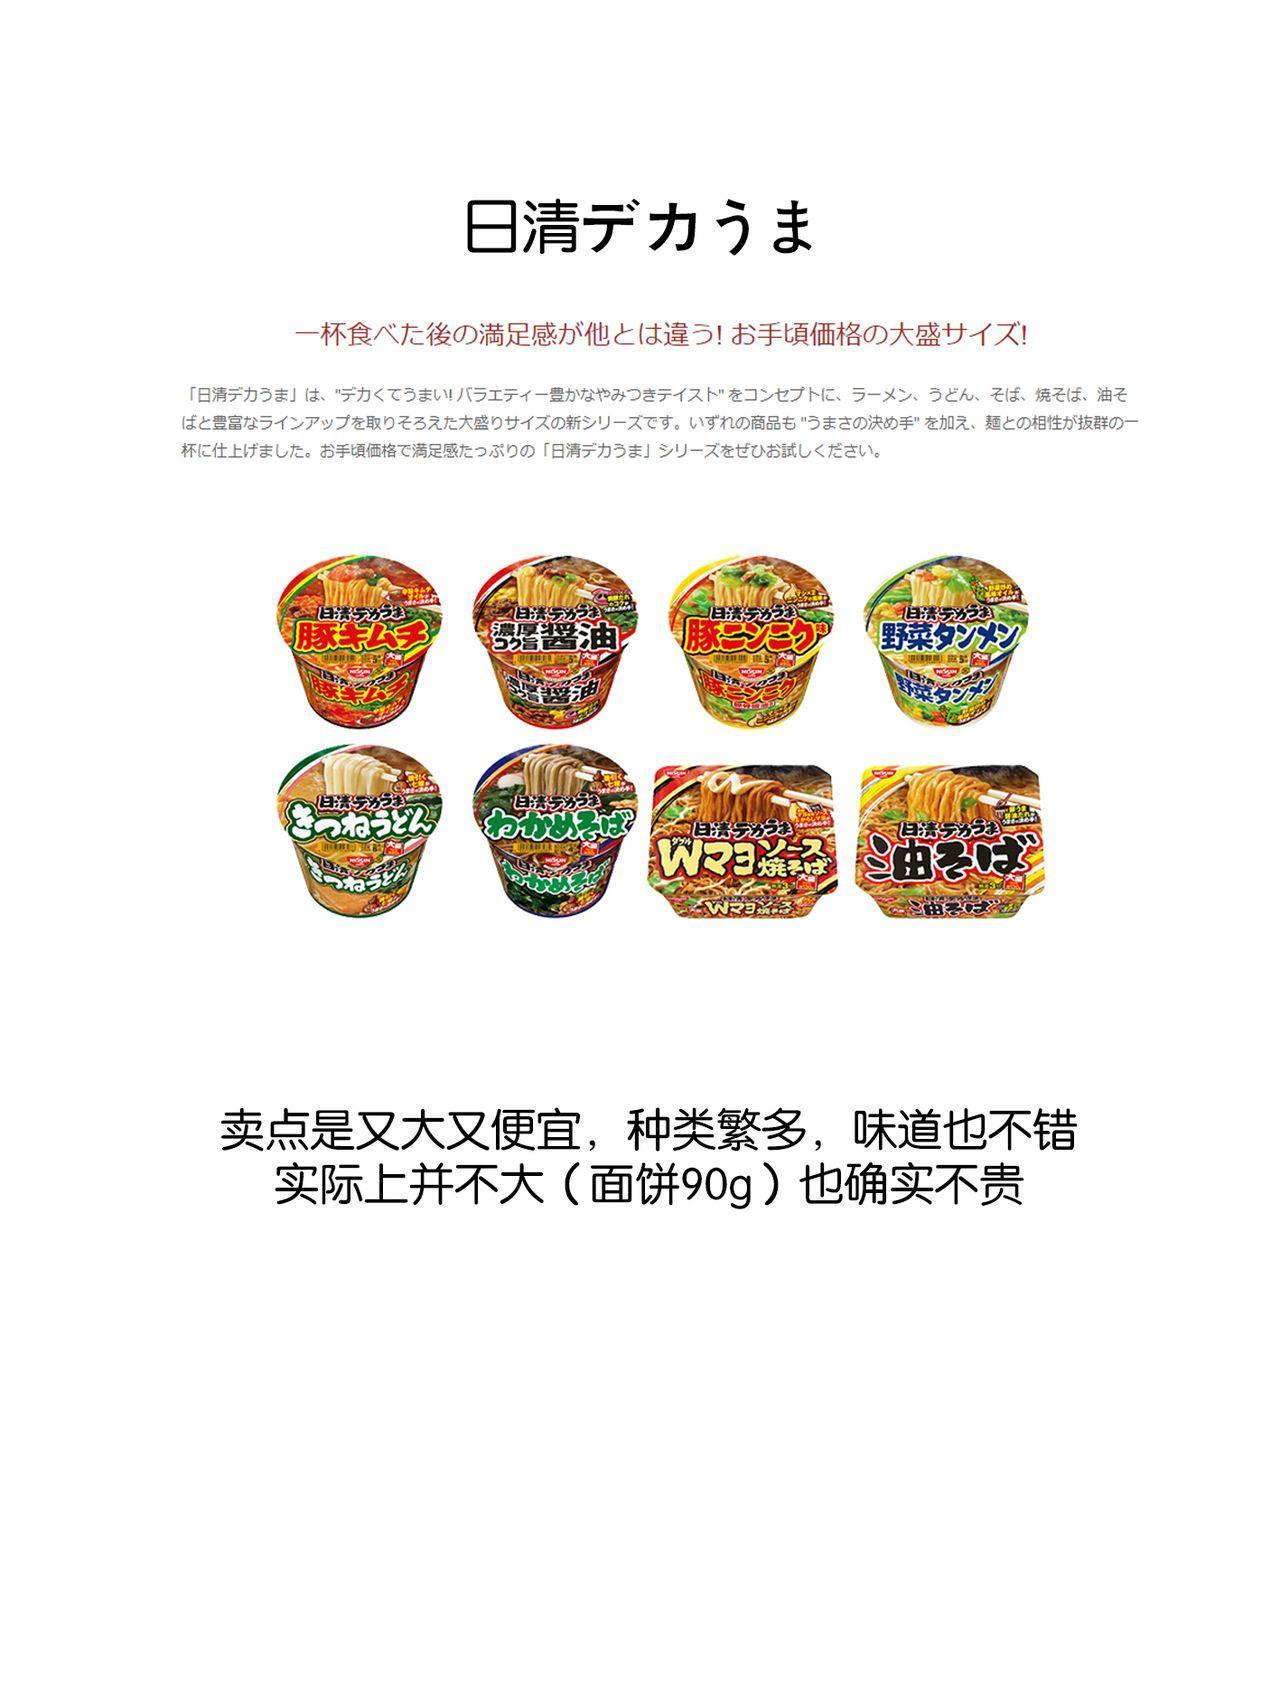 Inakax 4! Itoko no Anzu-chan to Nakayoshi 3P Hen 26